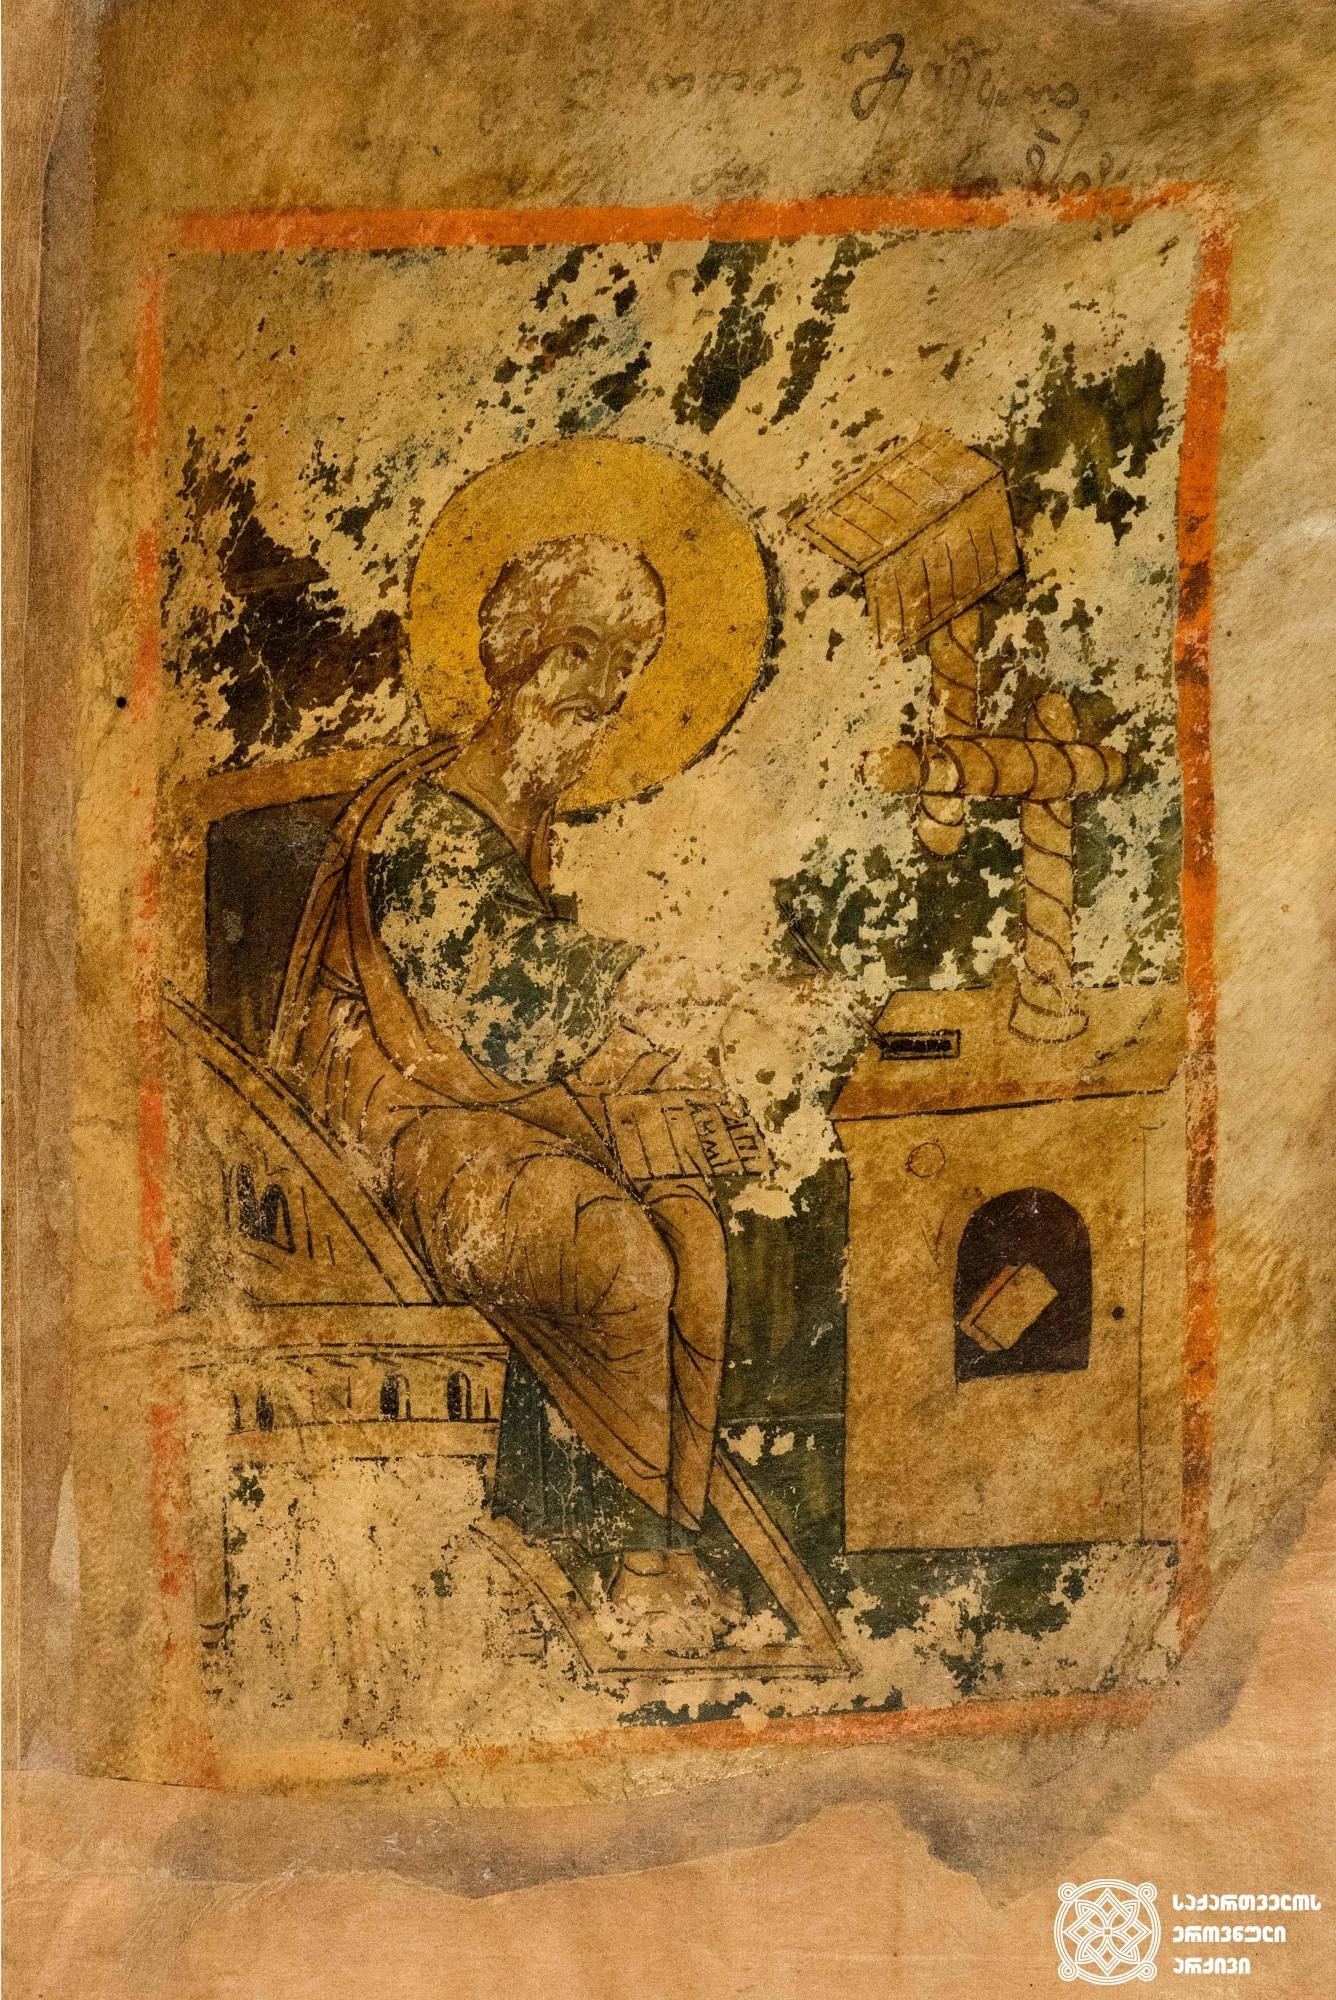 ორმაგი პალიმფსესტი  <br> სახარება-პალიმფსესტი, IX-X, XII-XIII, XIV საუკუნეები<br> წმიდა მათე მახარებელი <br> მათე სახარების დასაწყისი <br> Double Palimpsest <br> Gospel, 9th-10th, 12th-13th, 14th cc. St. Mathew the Evangelist <br> Head of Tetraevangelion of Mathew <br>